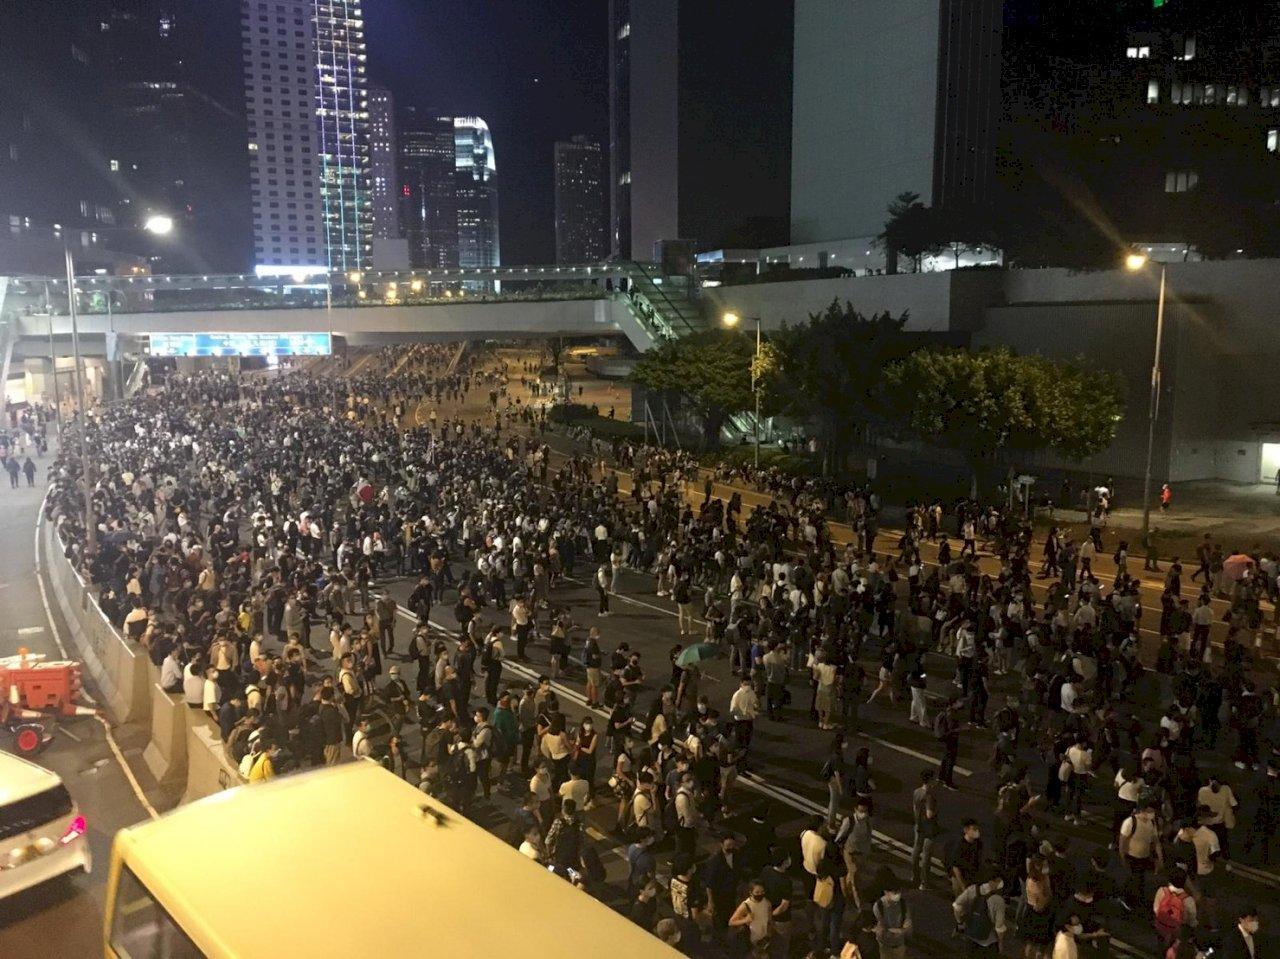 香港前線抗爭者稱會繼續蒙面抗議 有市民憂訂更嚴苛法例